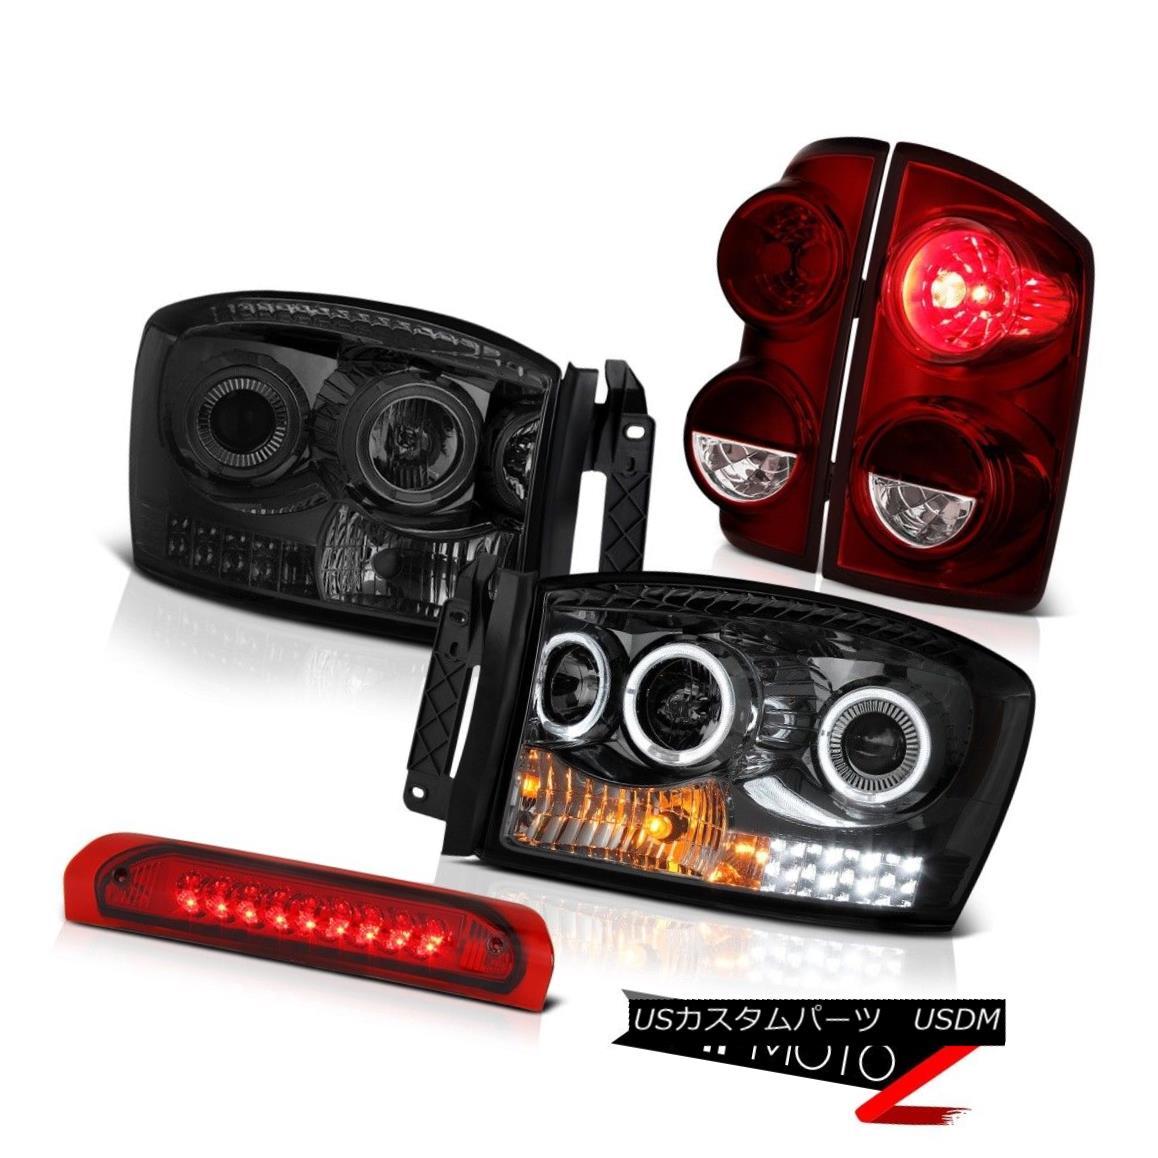 テールライト 07-08 Ram 1500 2500 3500 6.7L Tail Lights Smokey Headlights Third Brake Lamp LED 07-08ラム1500 2500 3500 6.7Lテールライトスモーキーヘッドライト第3ブレーキランプLED